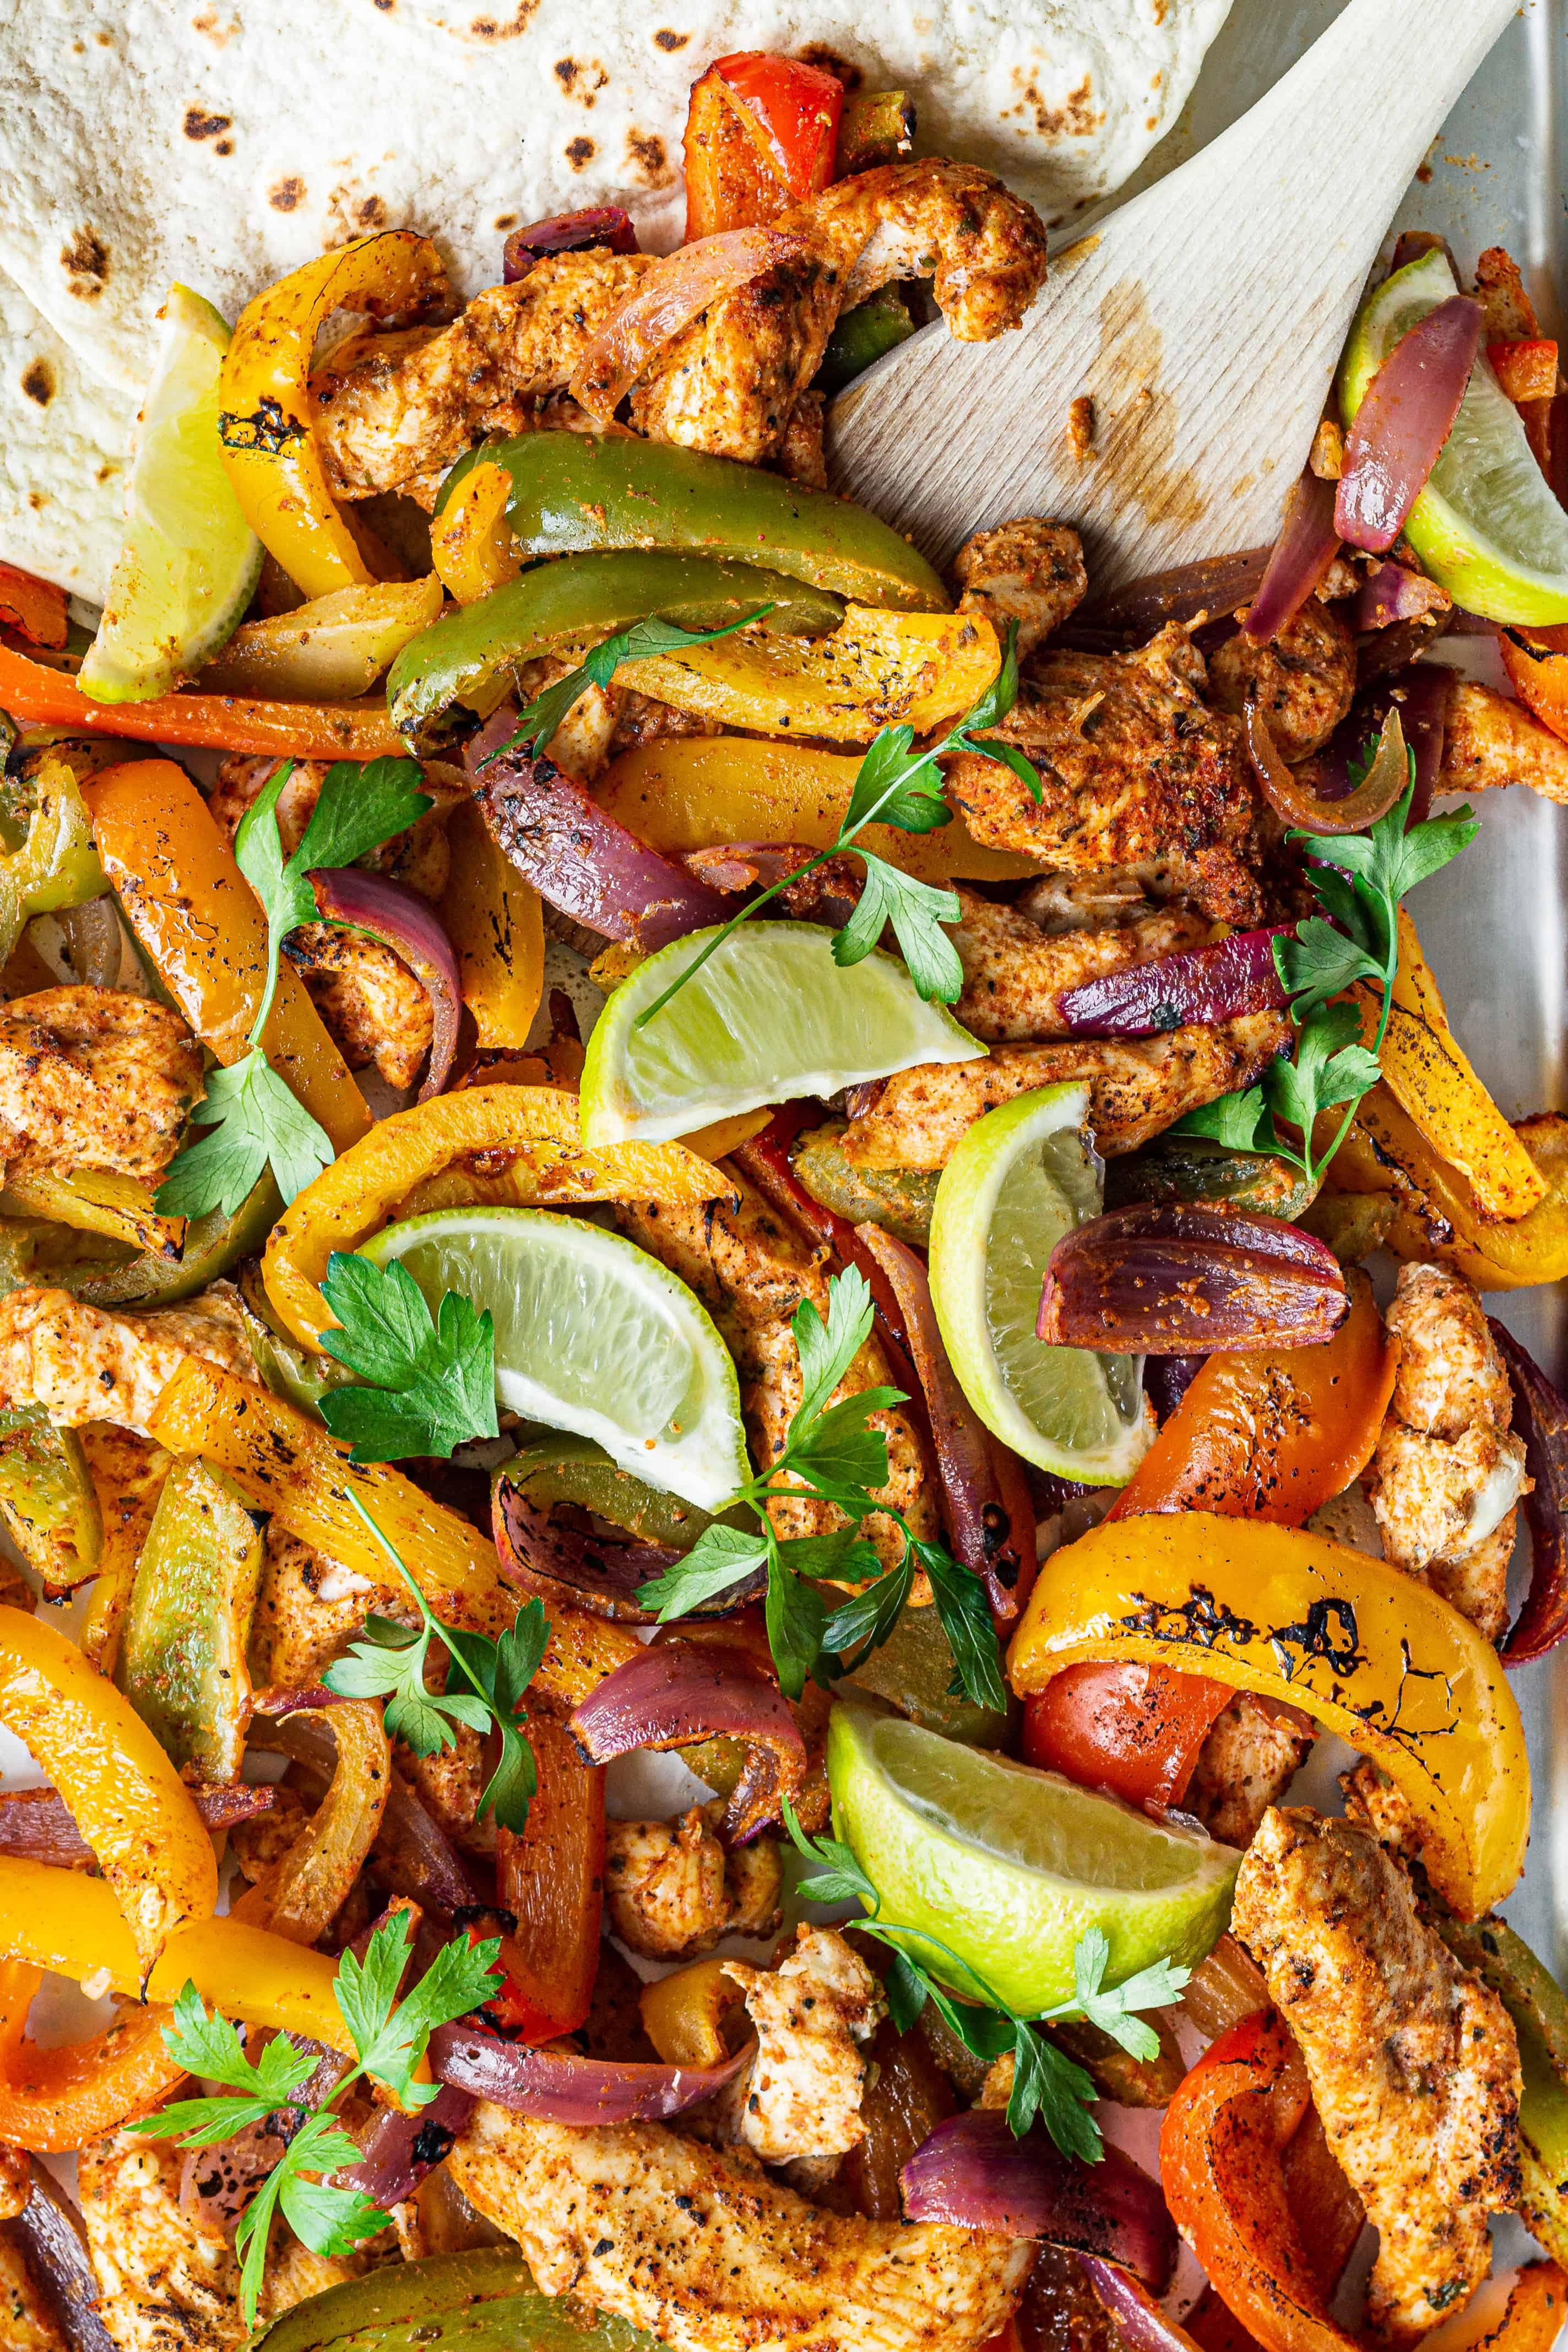 Fajitas med kylling og peberfrugt - opskrift på mexicansk mad (2)